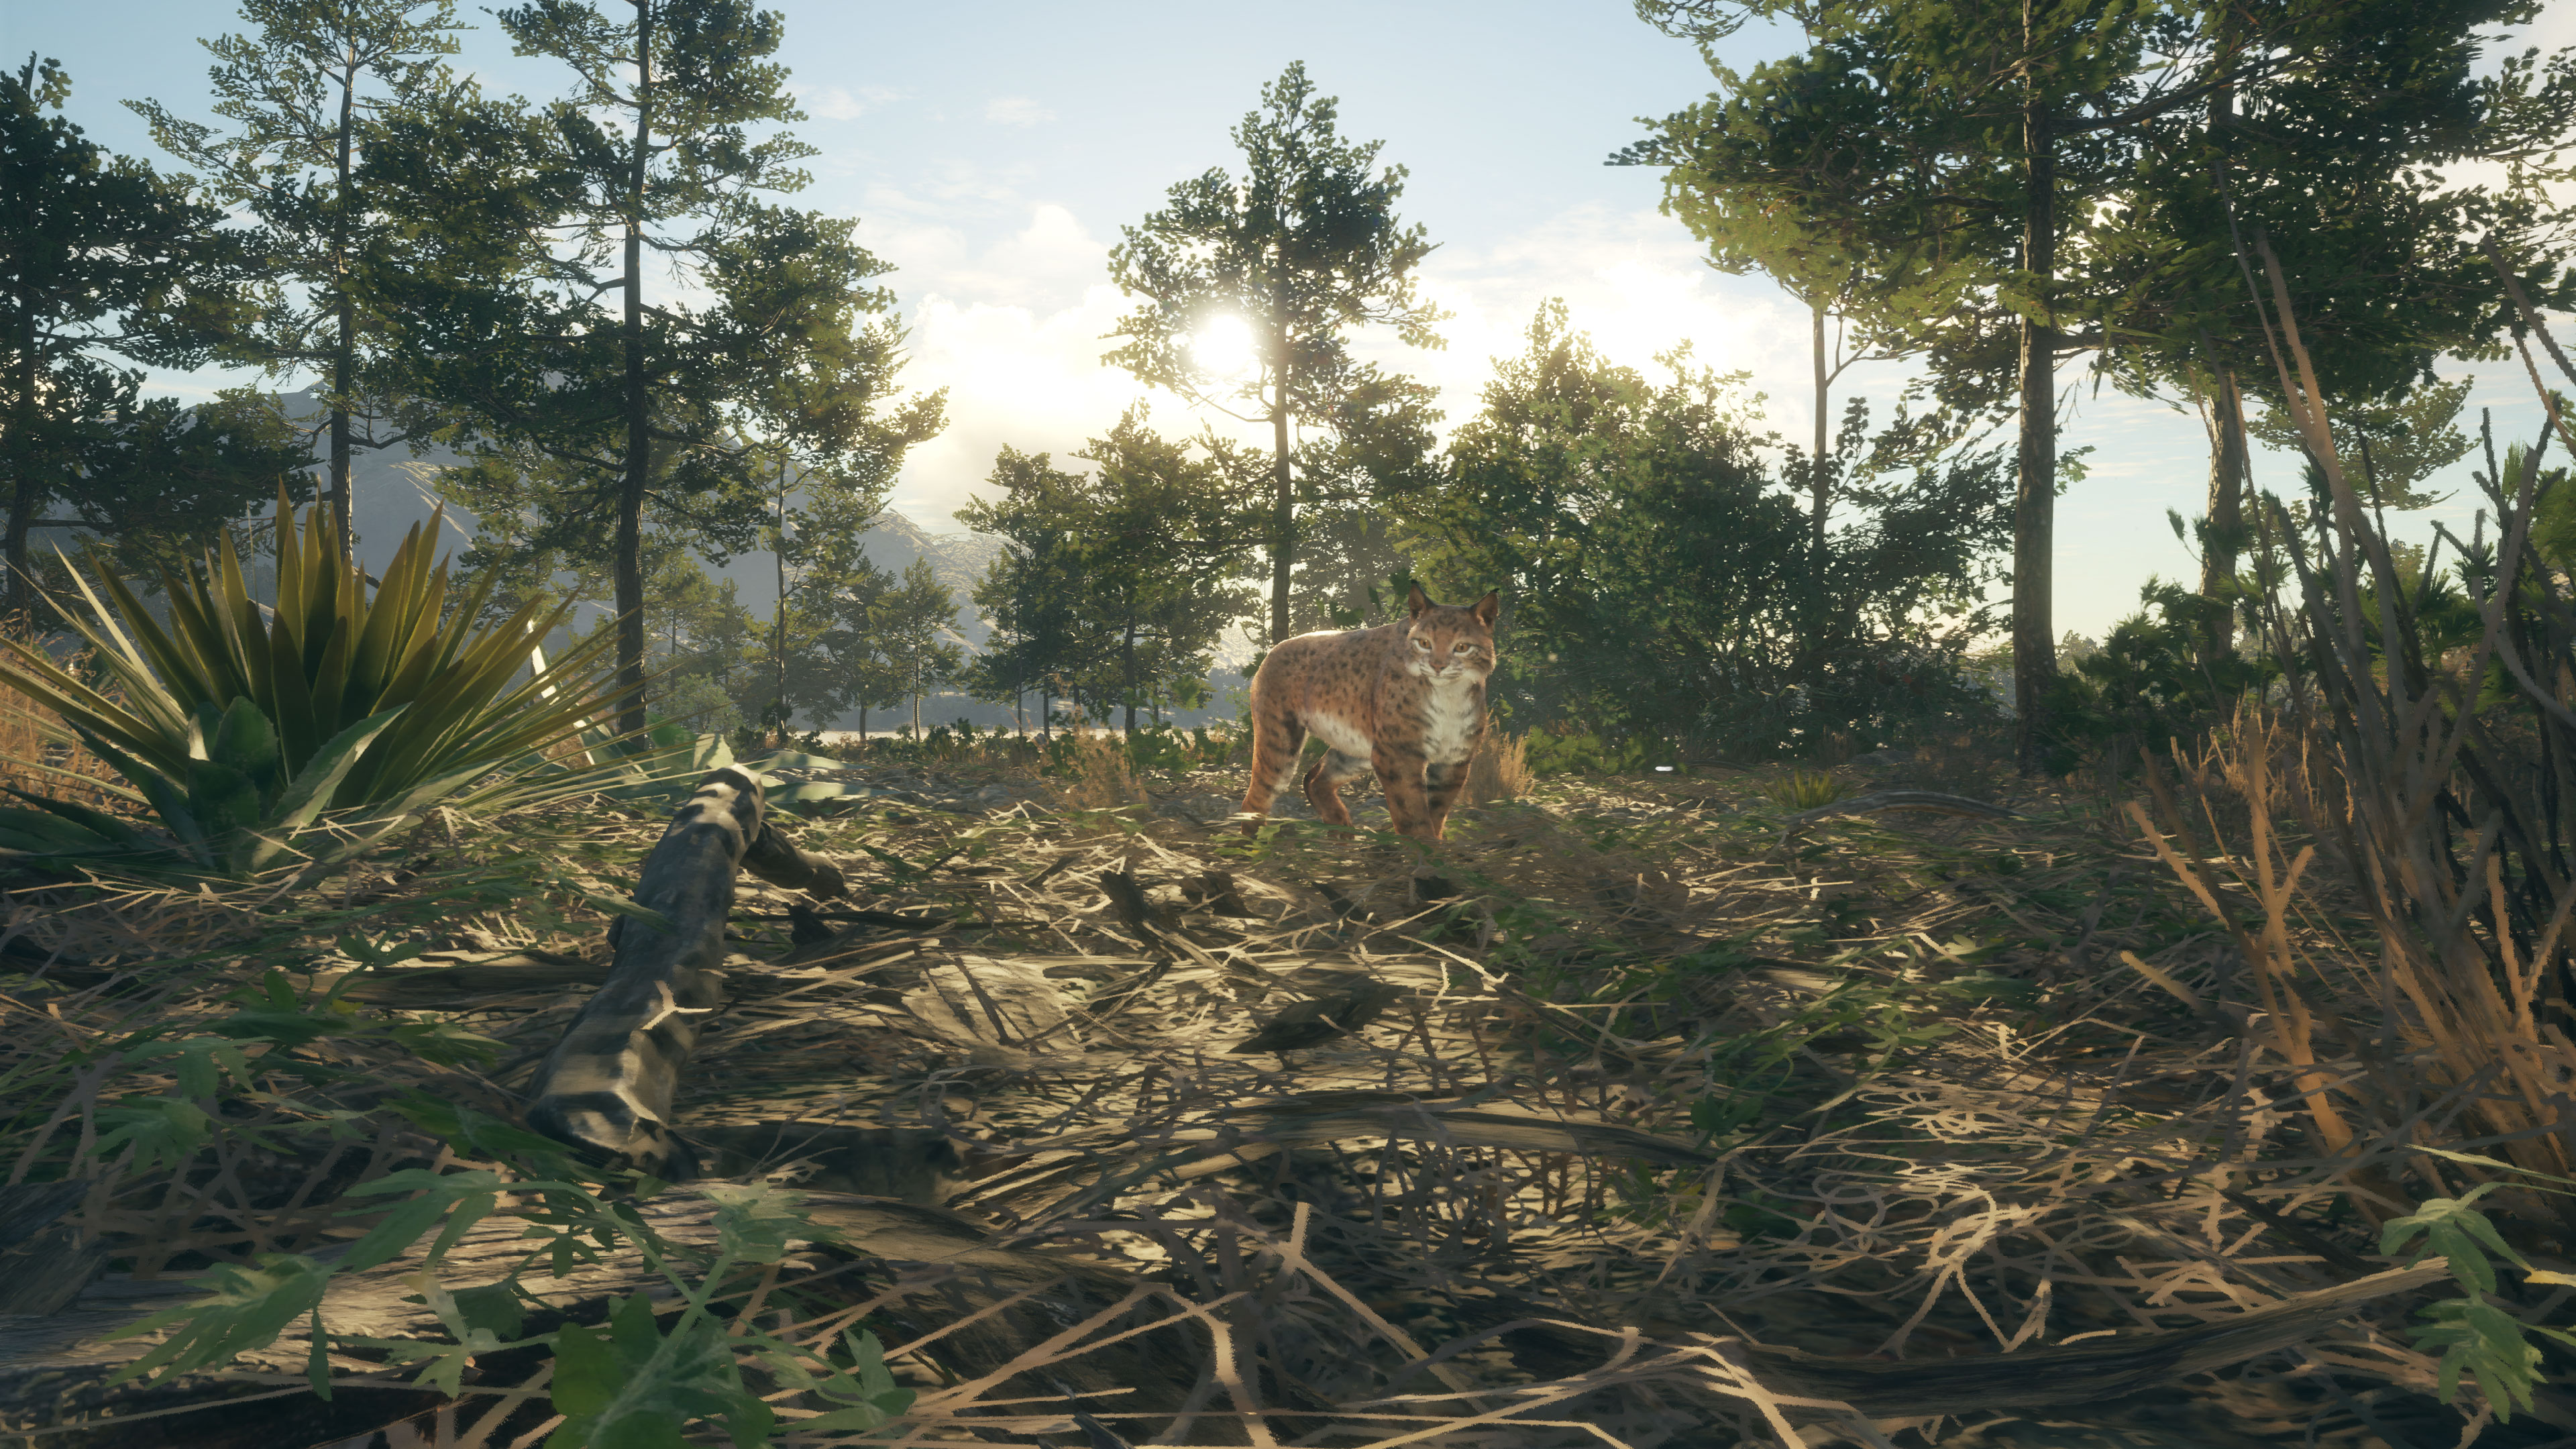 《猎人:荒野的召唤》的全新DLC即将上线 沙漠环境下狩猎